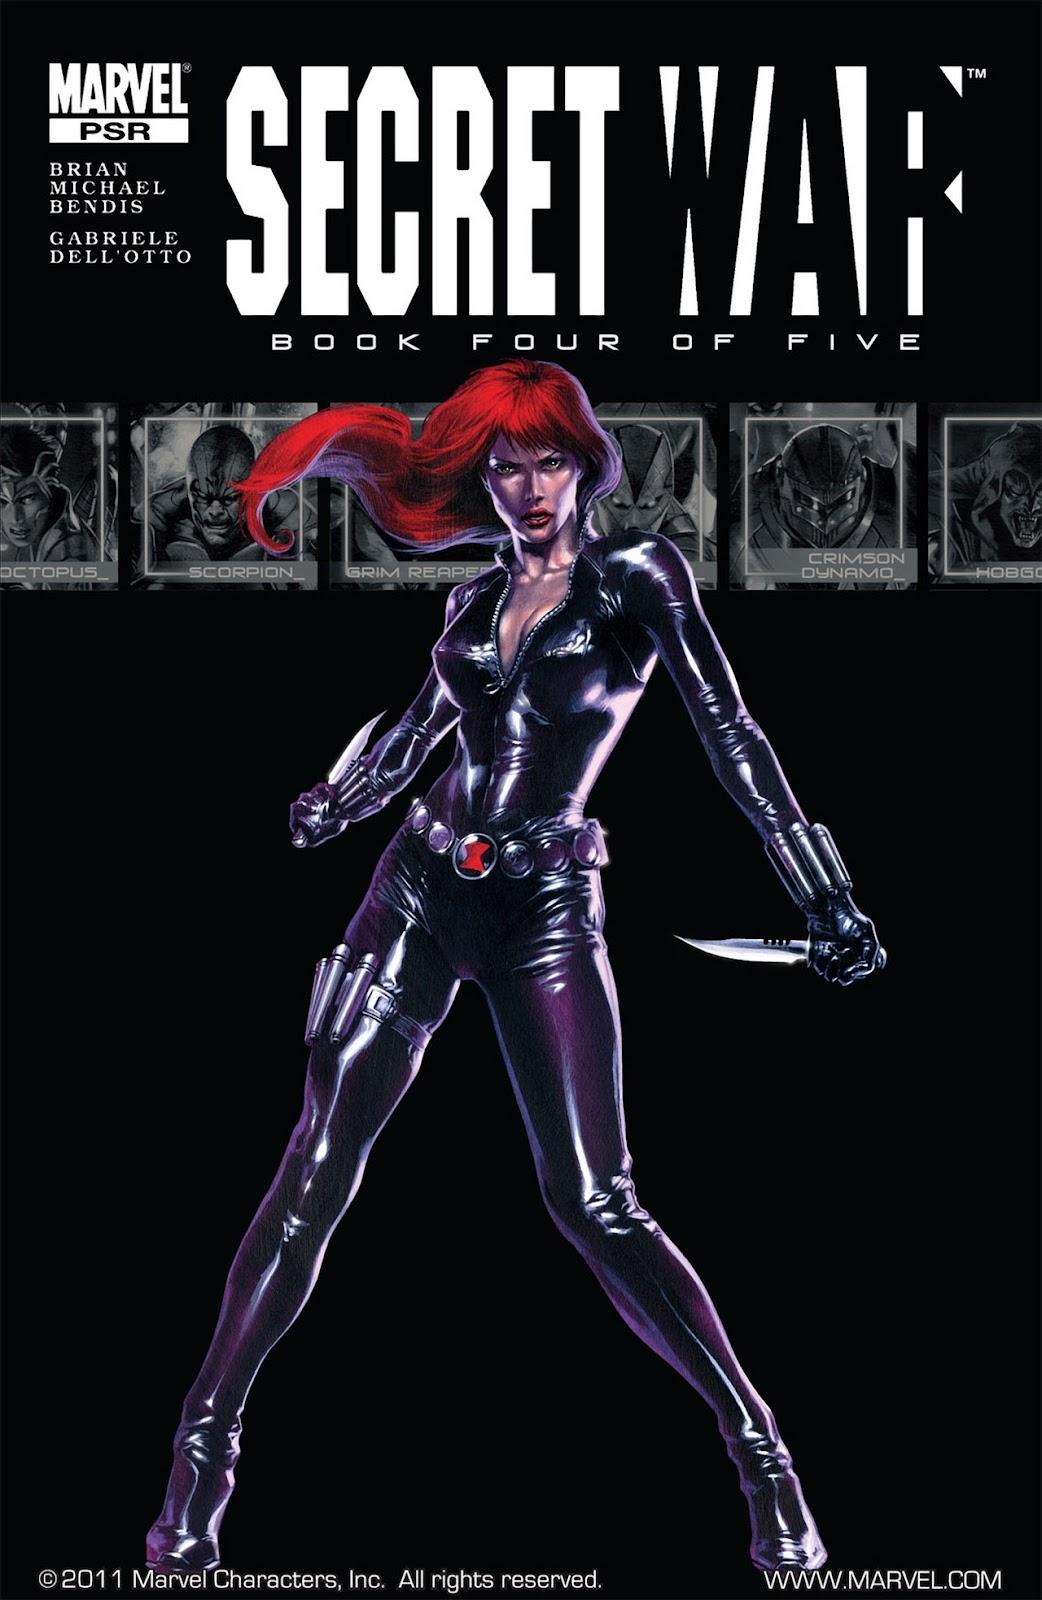 Read online Secret War comic -  Issue #4 - 1